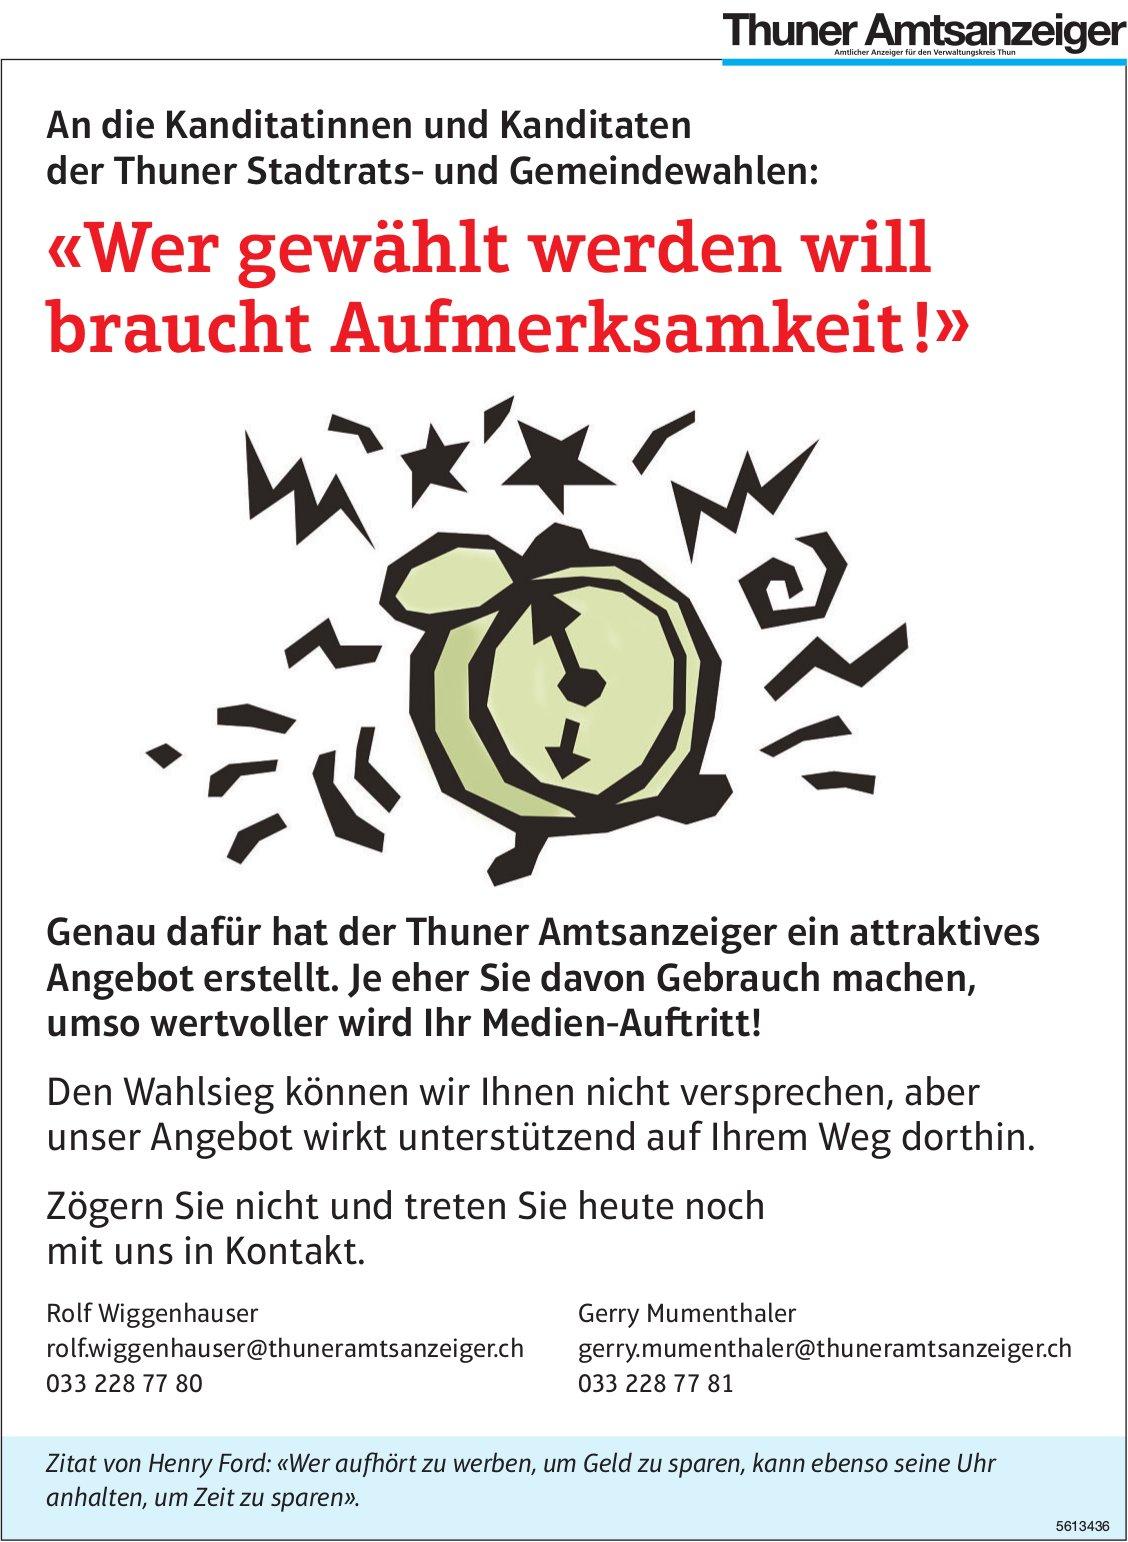 «Wer gewählt werden will braucht Aufmerksamkeit!» Der Thuner Amtsanzeiger hat ein Angebot erstellt